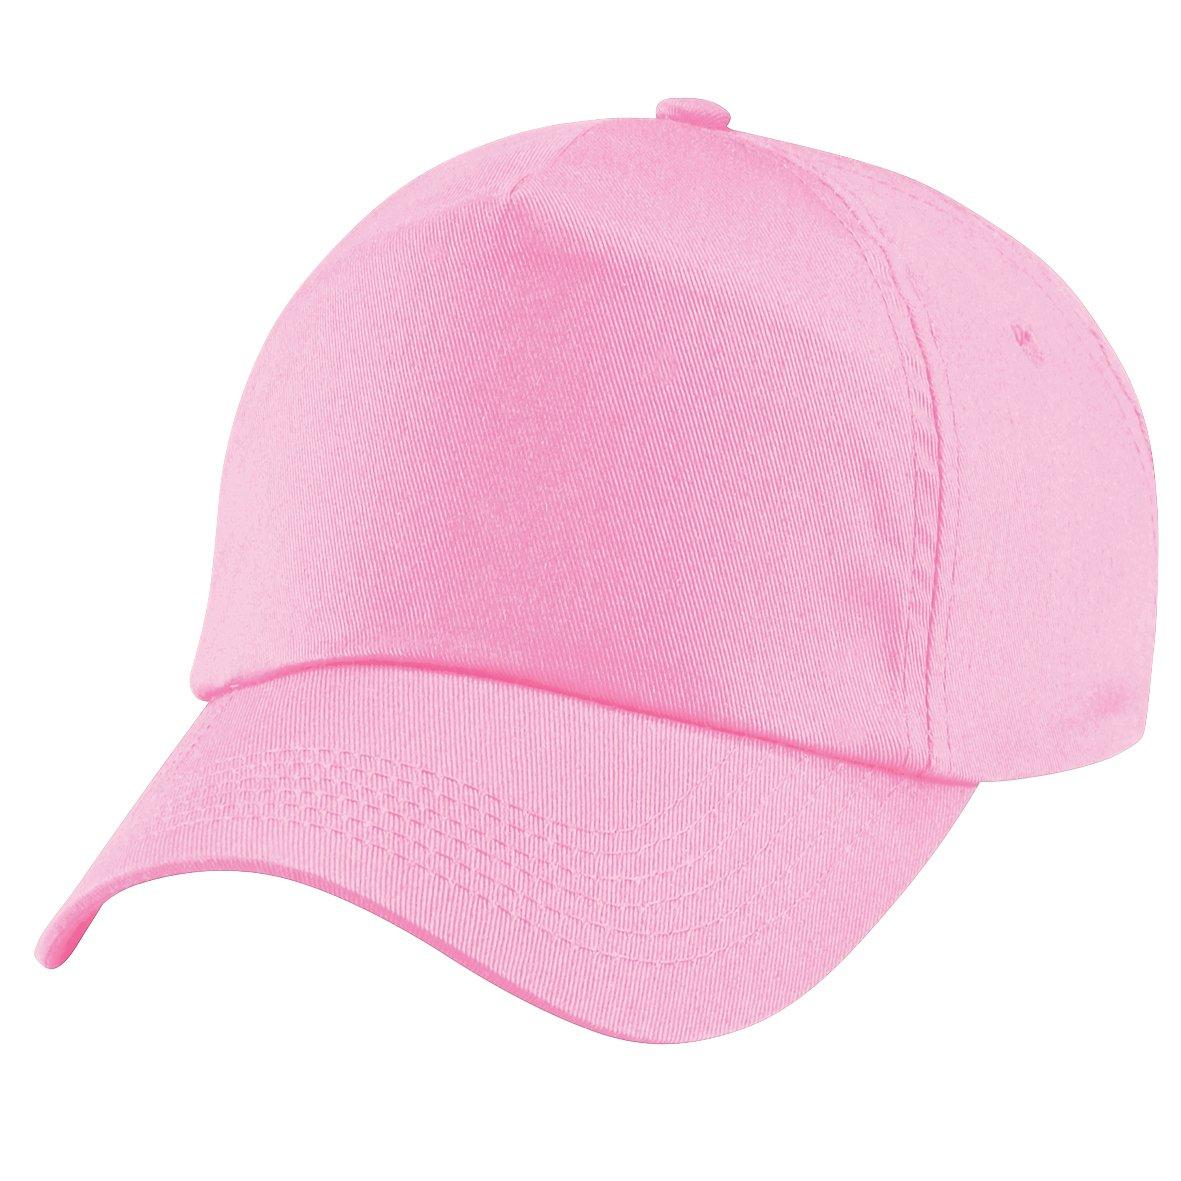 Beechfield - Cappellino Tinta Unita 100% Cotone - Bambino (Taglia unica) (Rosa)